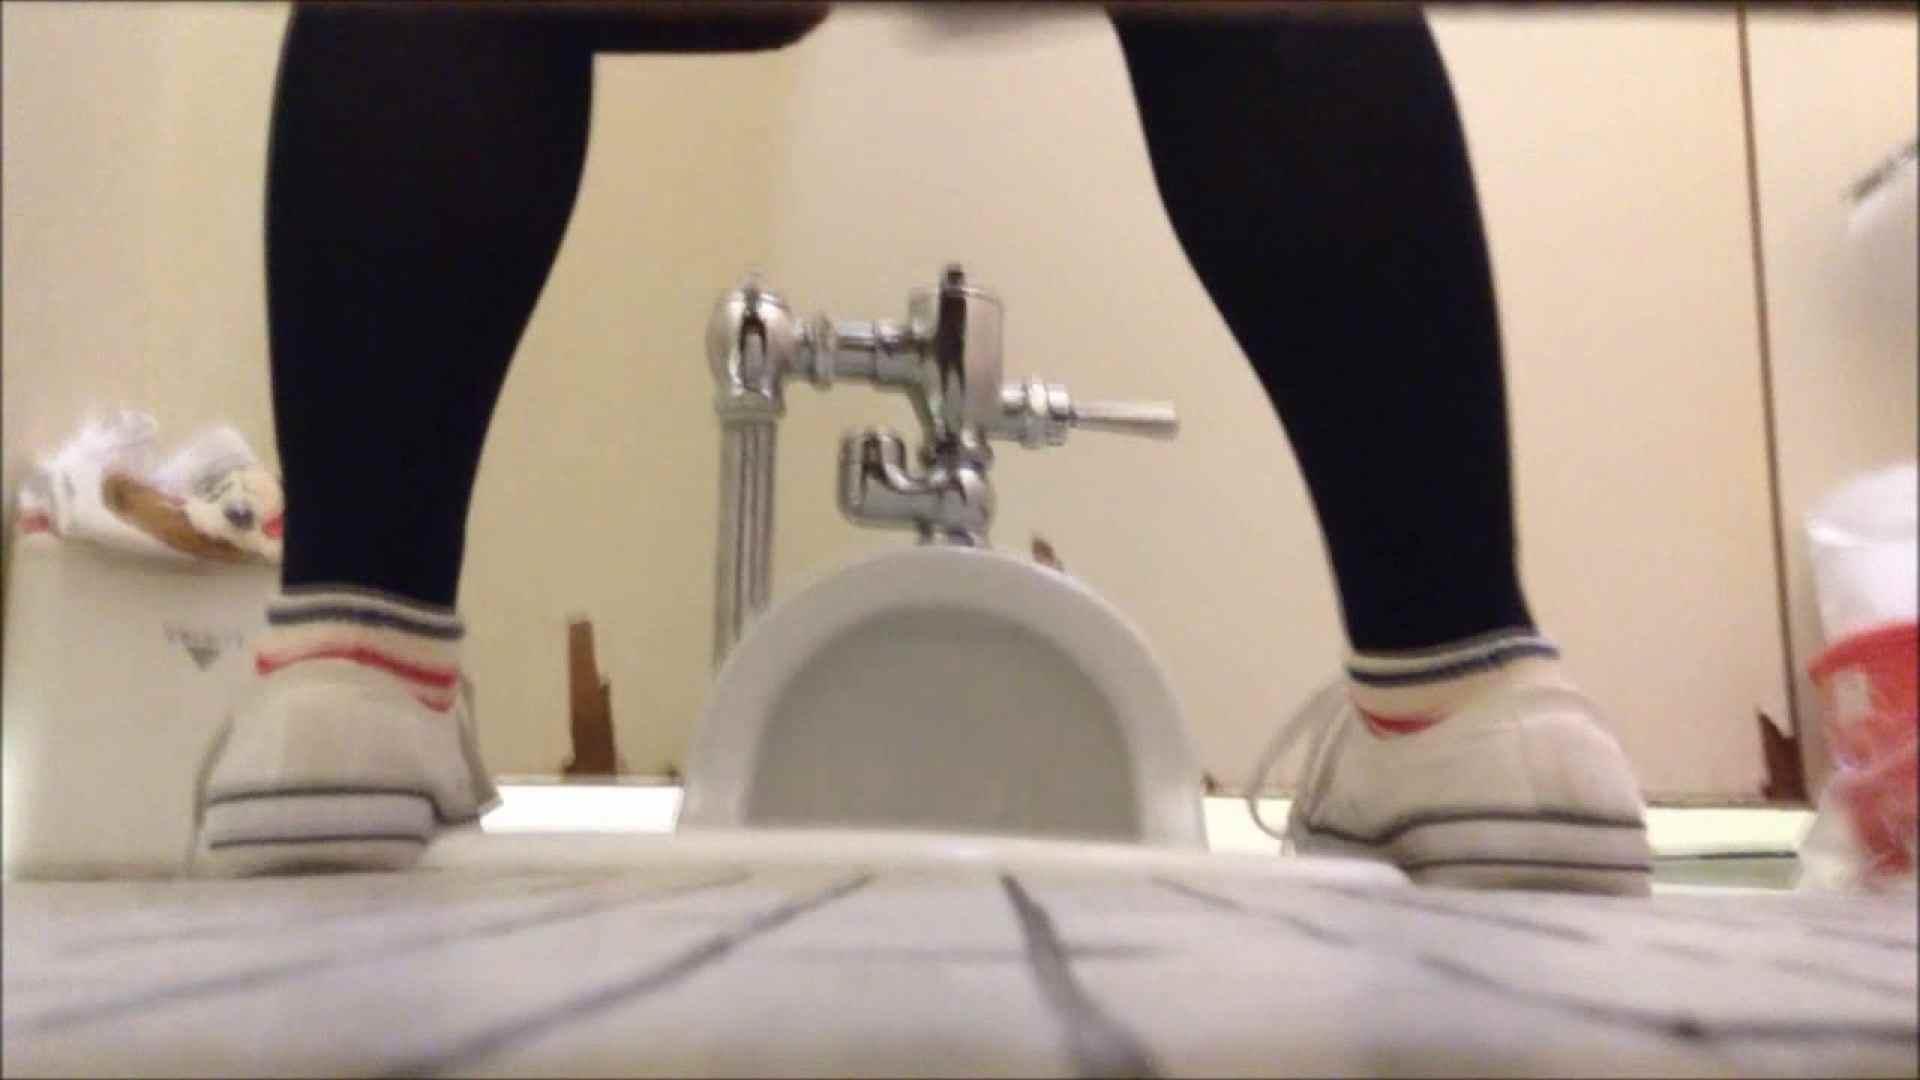 某有名大学女性洗面所 vol.01 排泄 盗み撮り動画キャプチャ 80pic 5